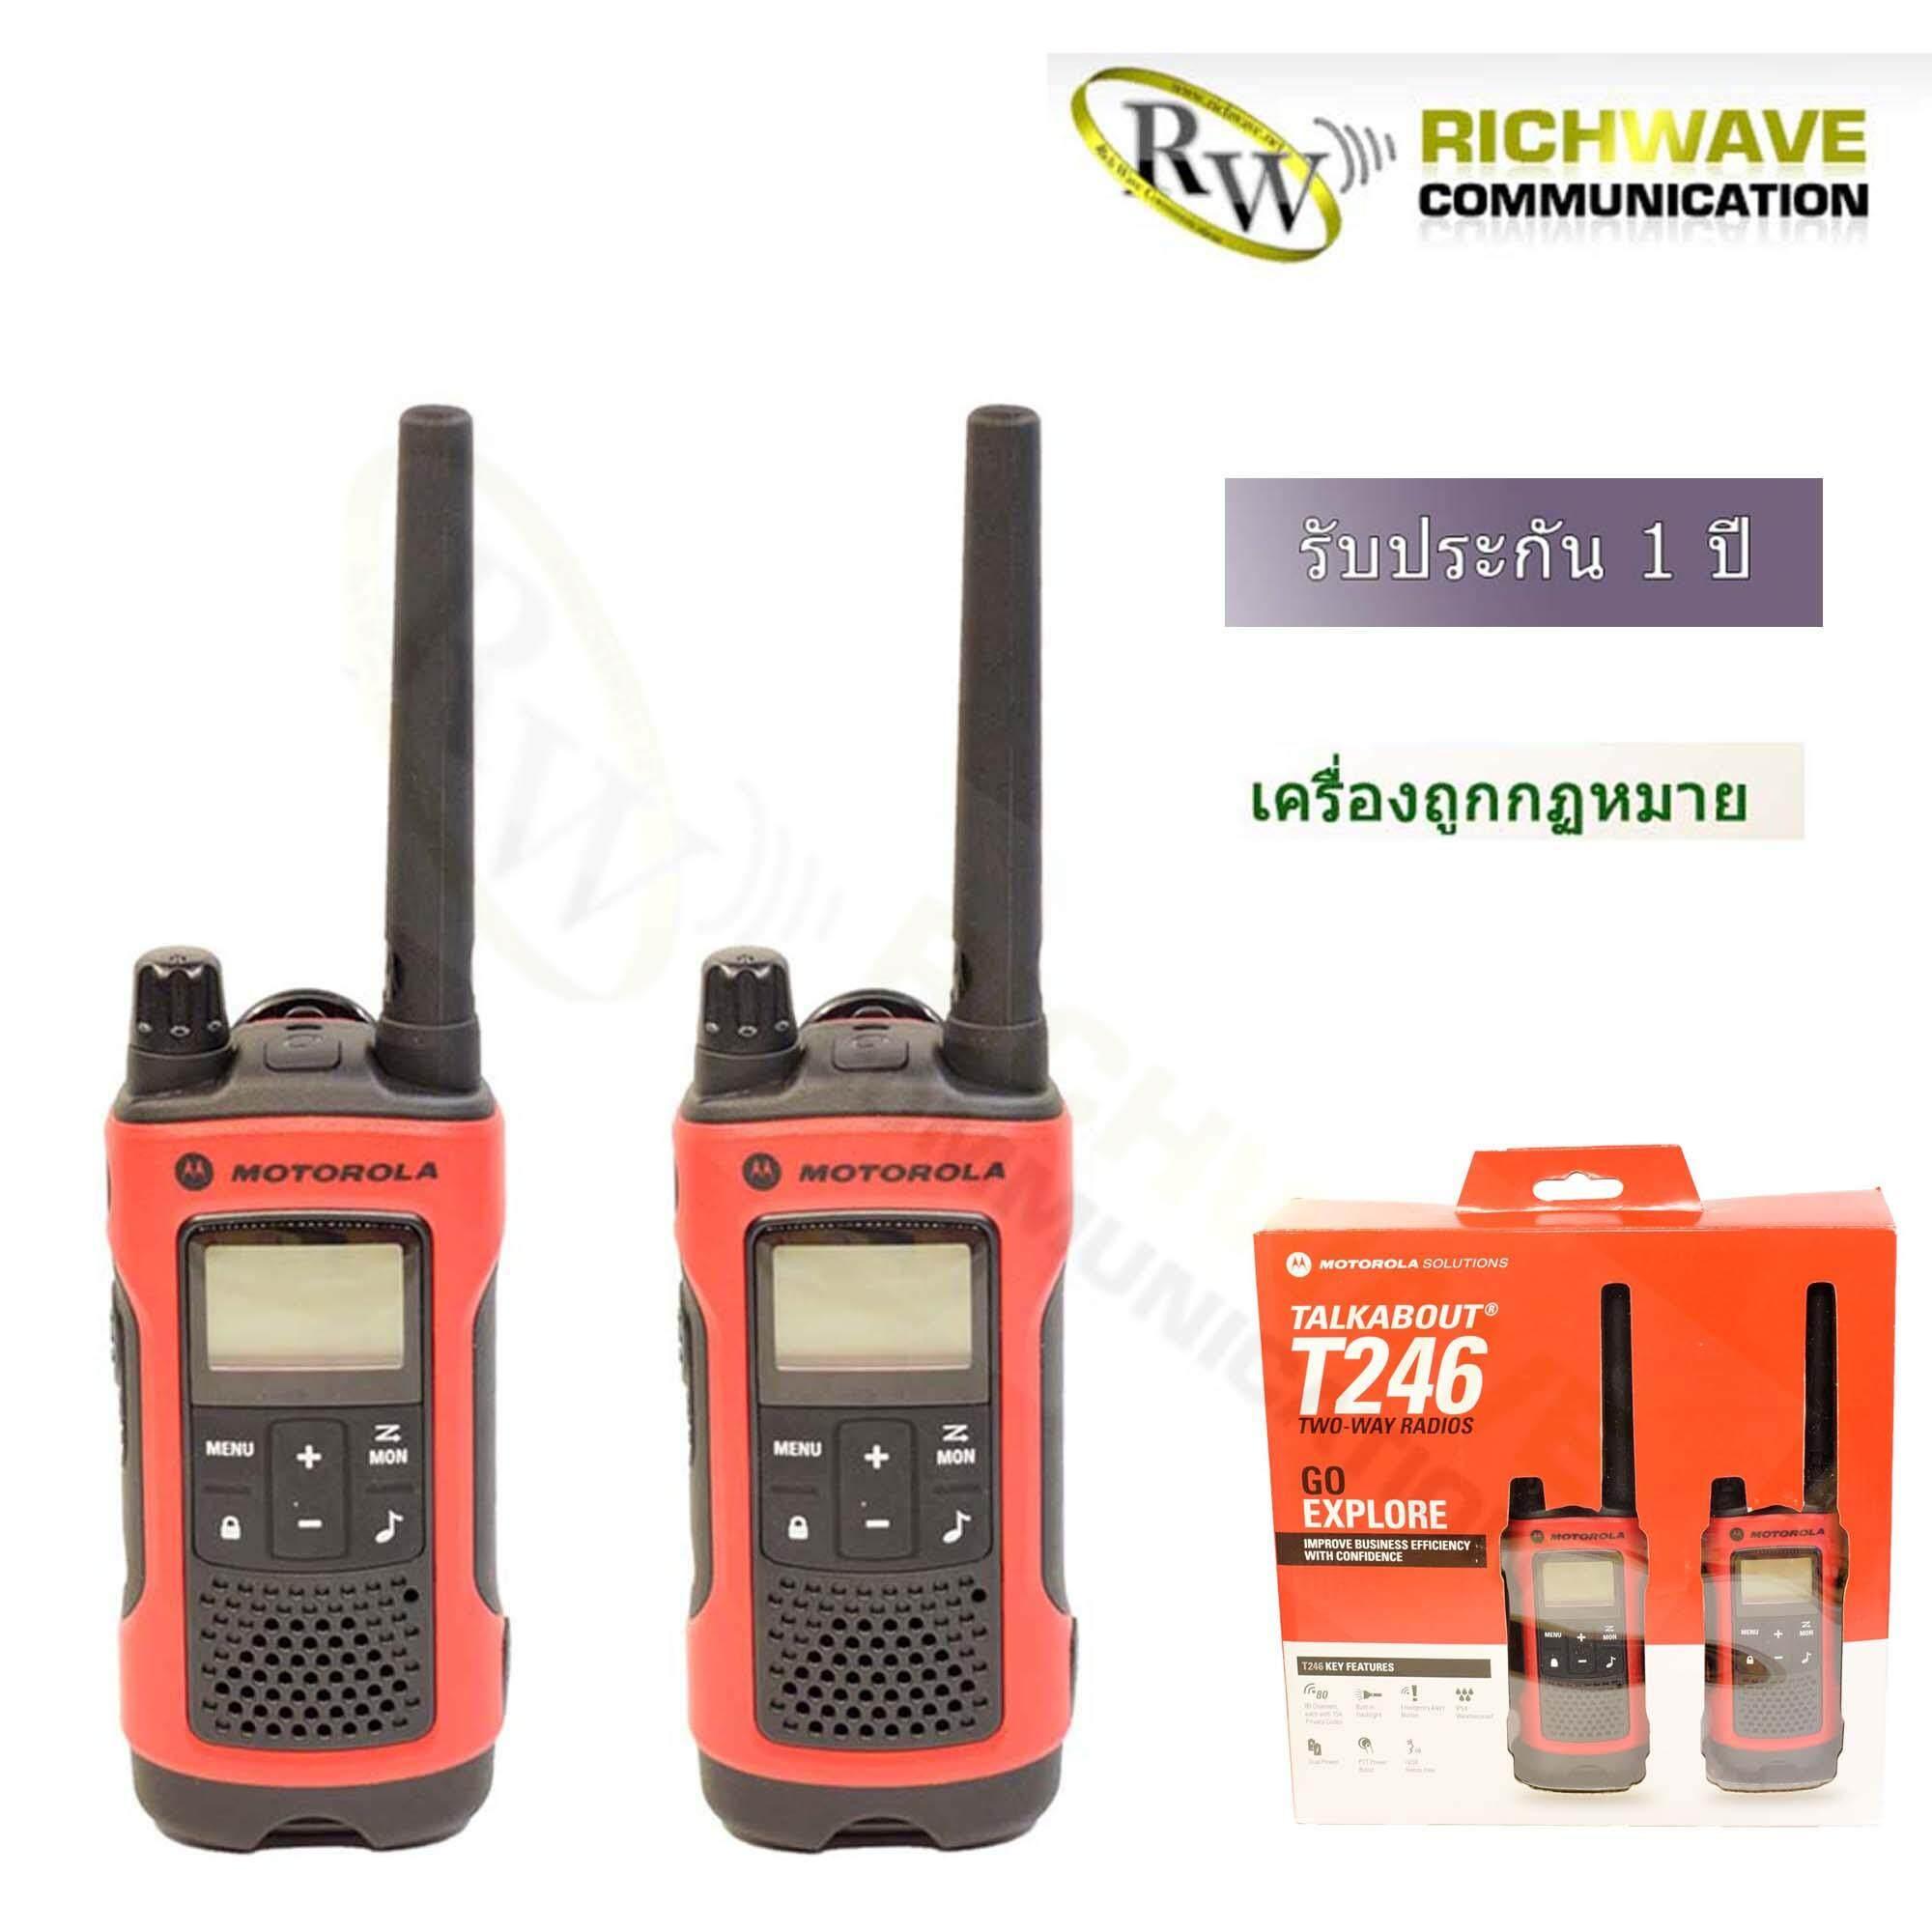 Motorola Talkabout T246 วิทยุสื่อสาร ของแท้ แพ็คคู่ ถูกกฏหมาย 3.5 watts (พร้อมแบตเตอรี่)